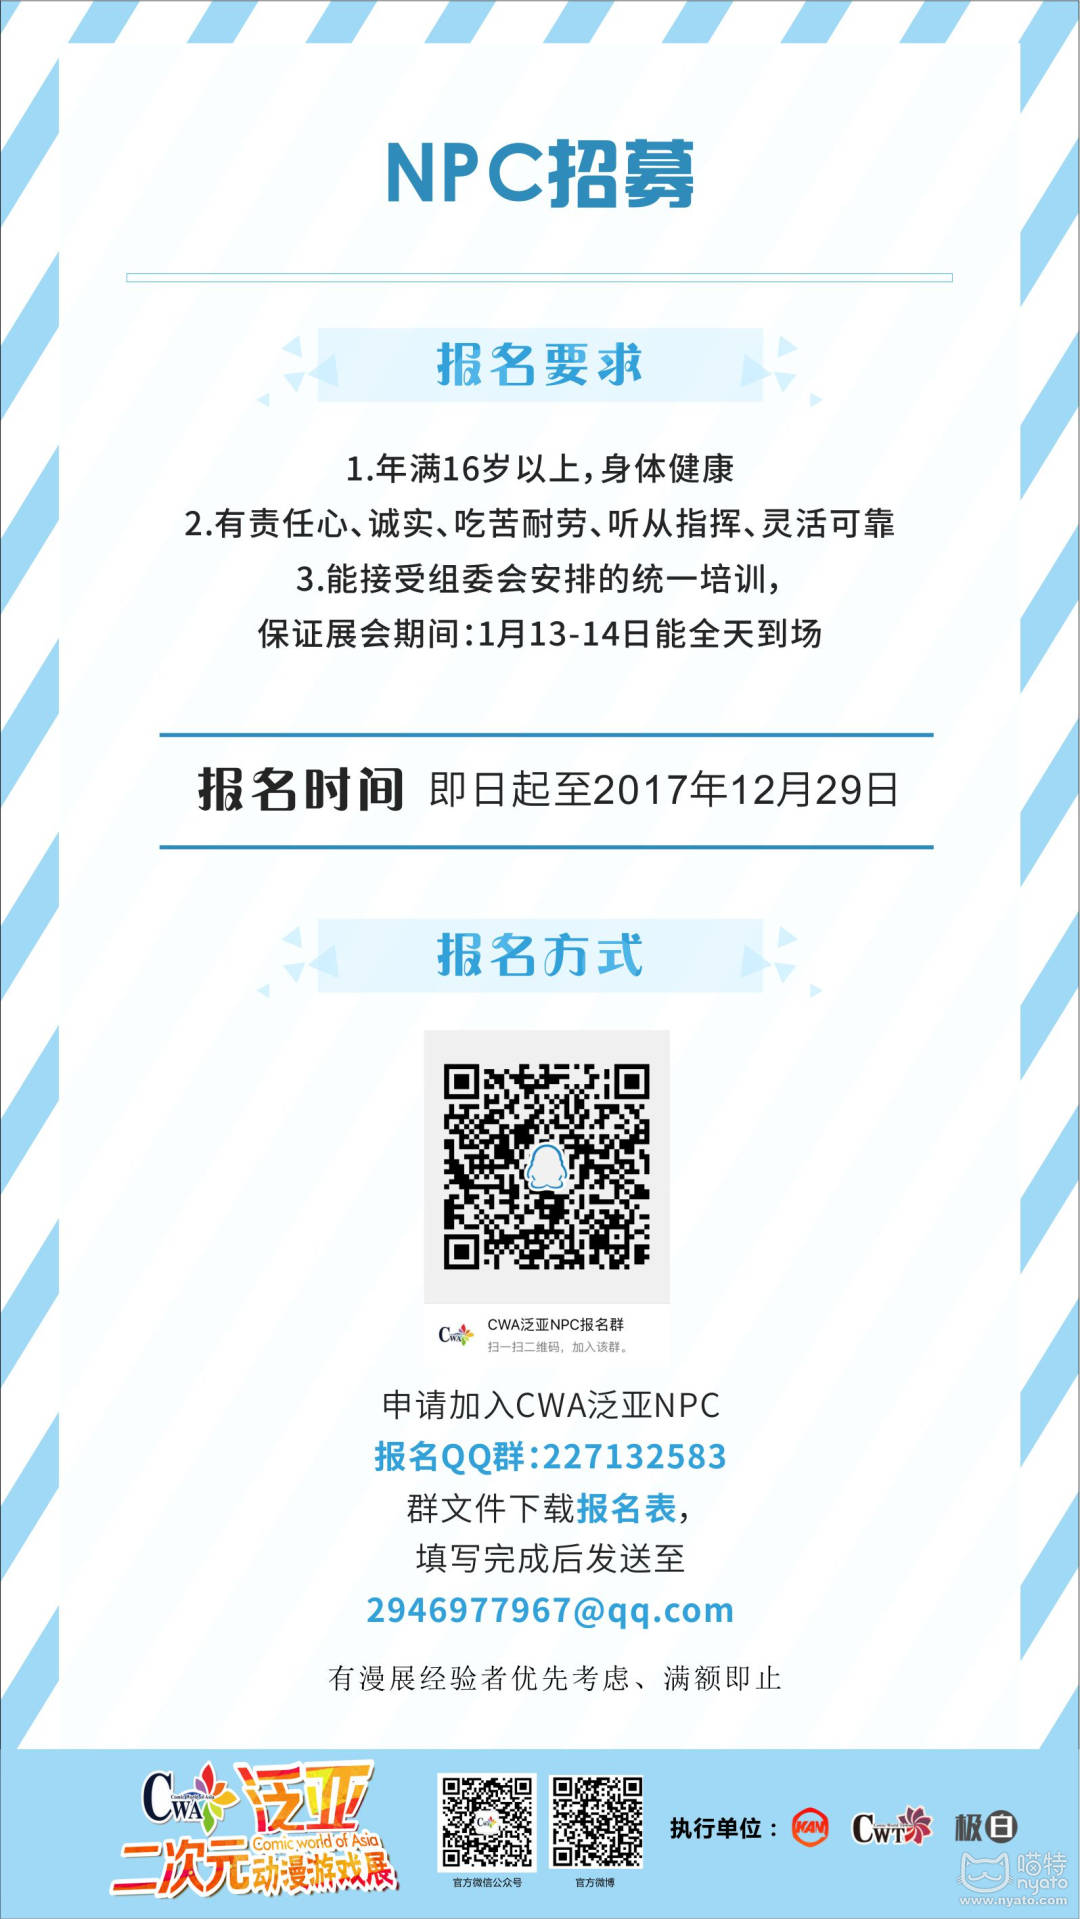 招募信息2.jpg